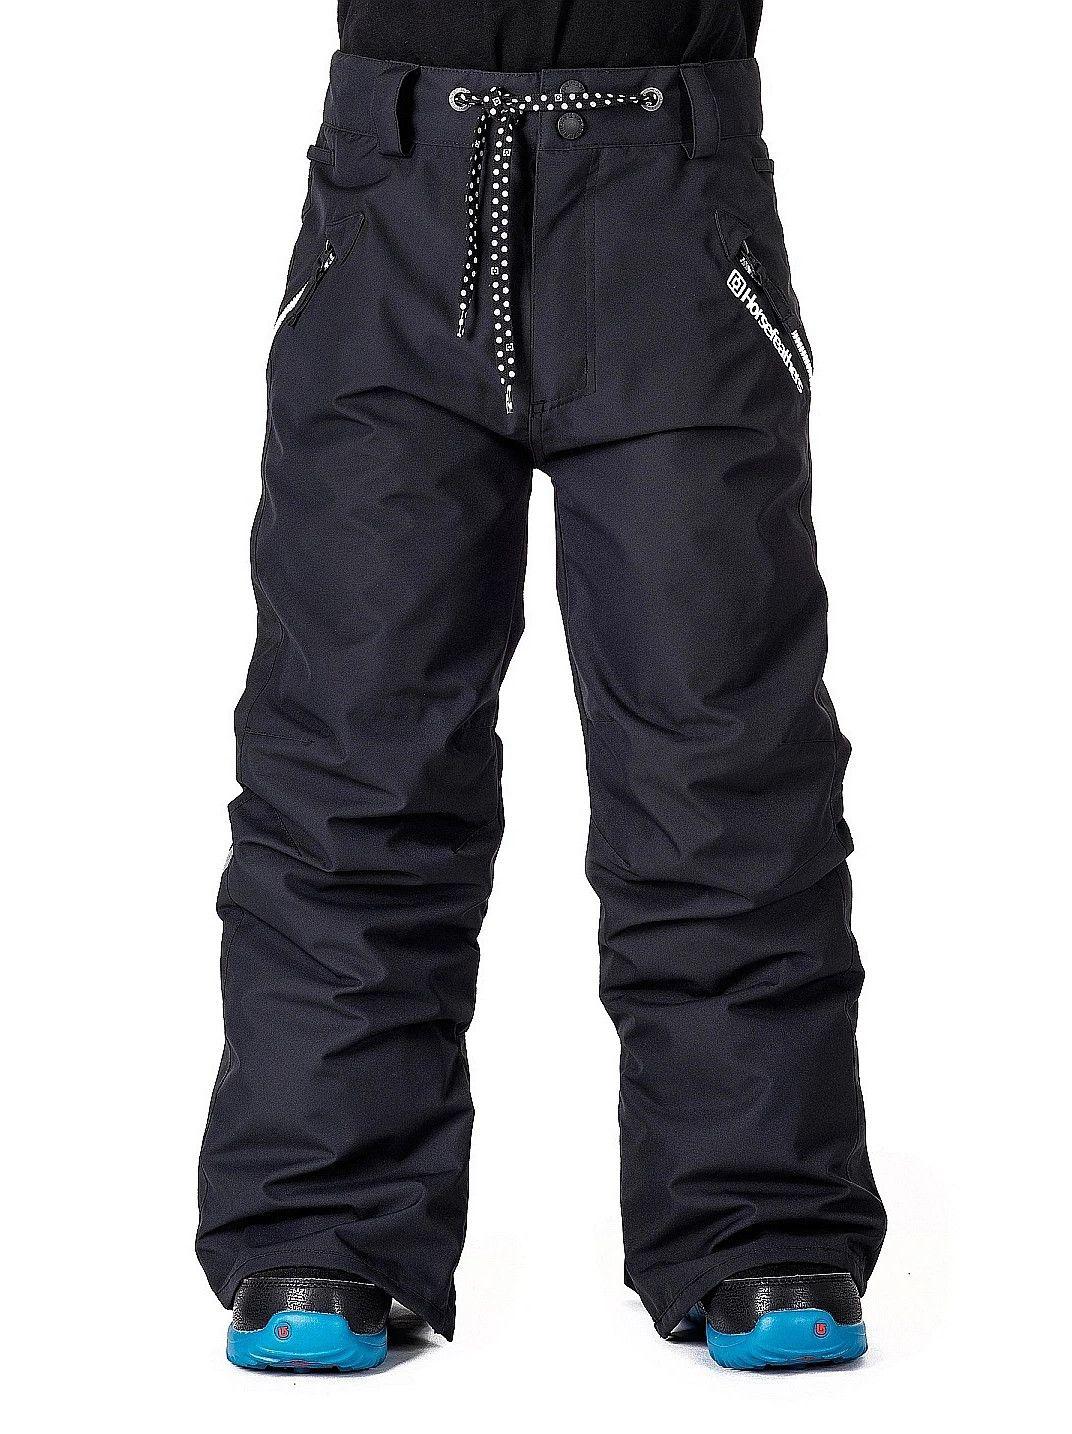 90f2e763e3cf Dětské snowboardové kalhoty Horsefeathers Shirley black First ...